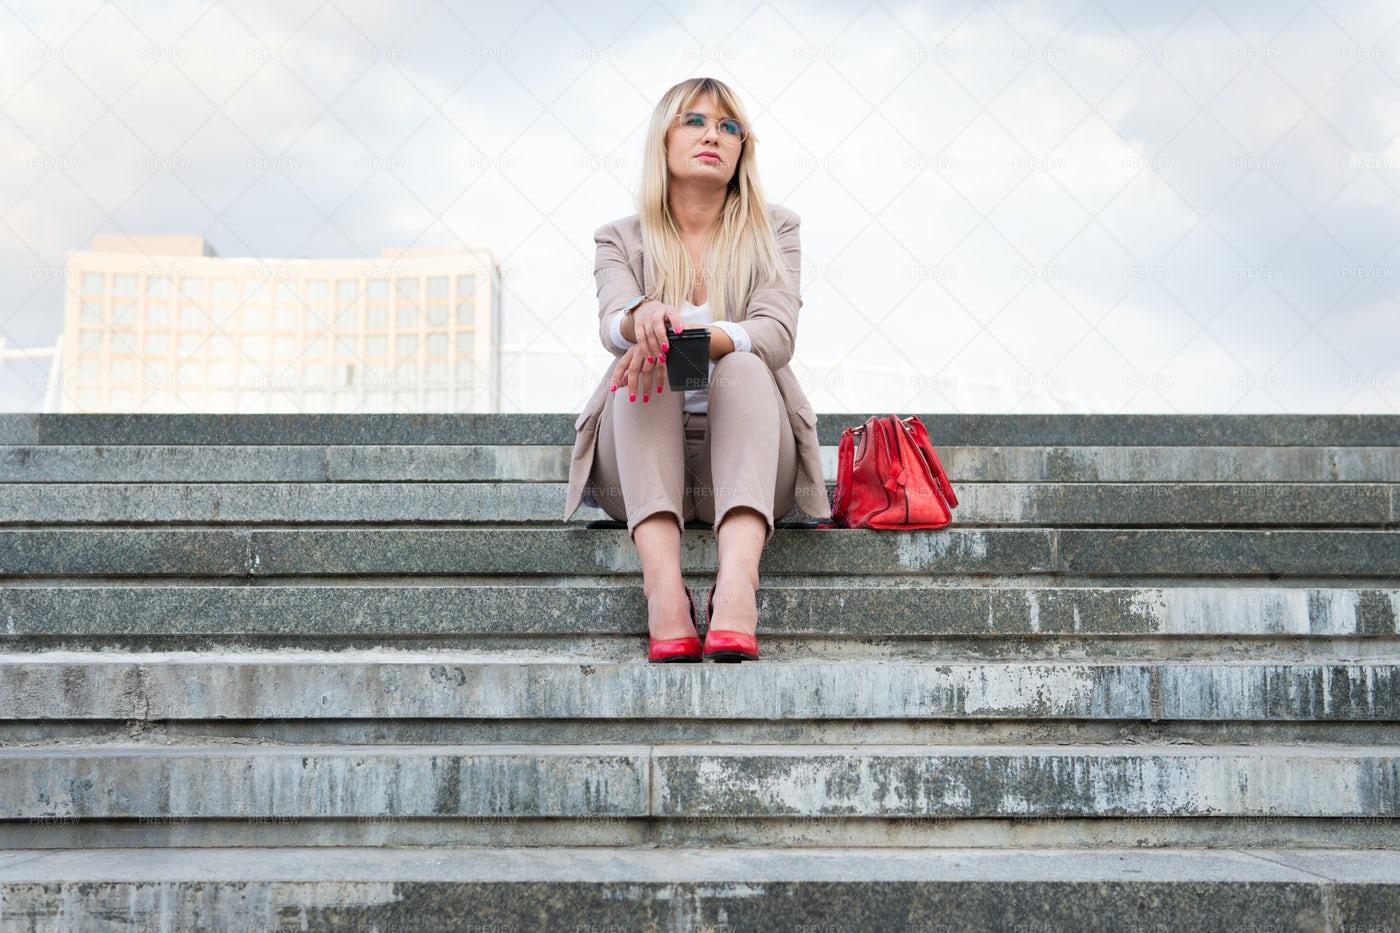 Businesswoman's Coffee Break: Stock Photos